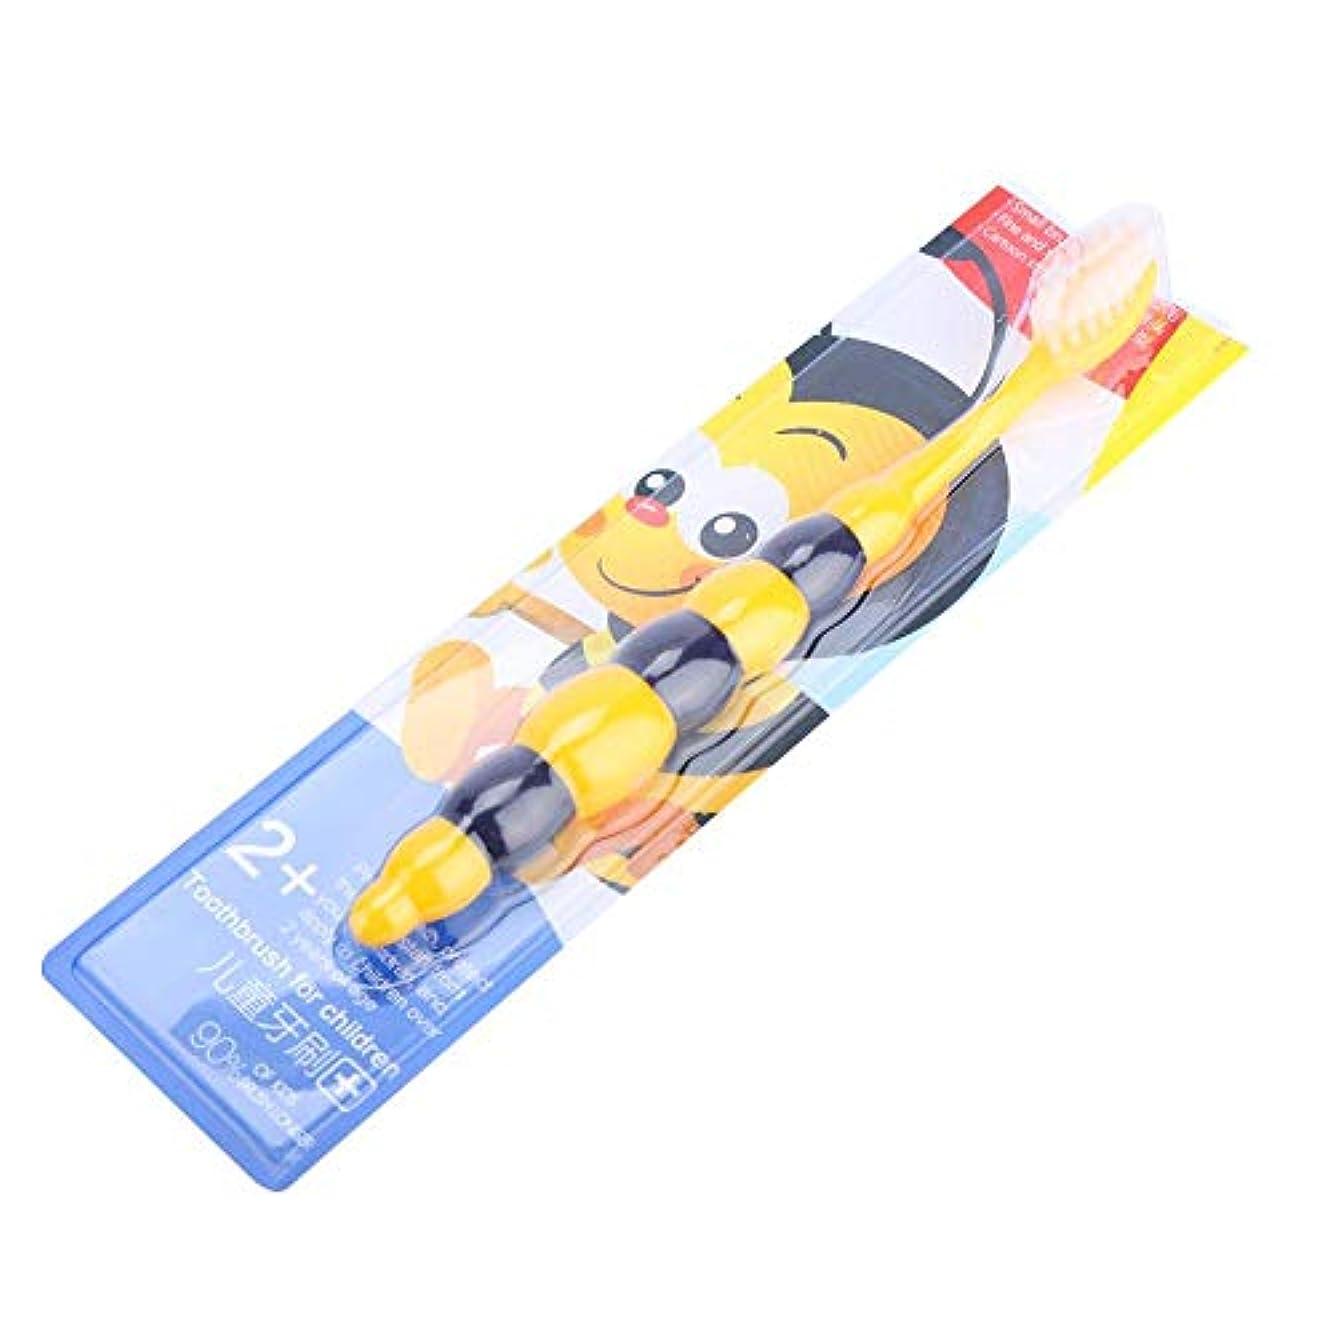 オークランド人種ぼろ子供の柔らかい髪の歯ブラシの子供かわいいクリーニングの歯ブラシオーラルケアツール(黄色い蜂)